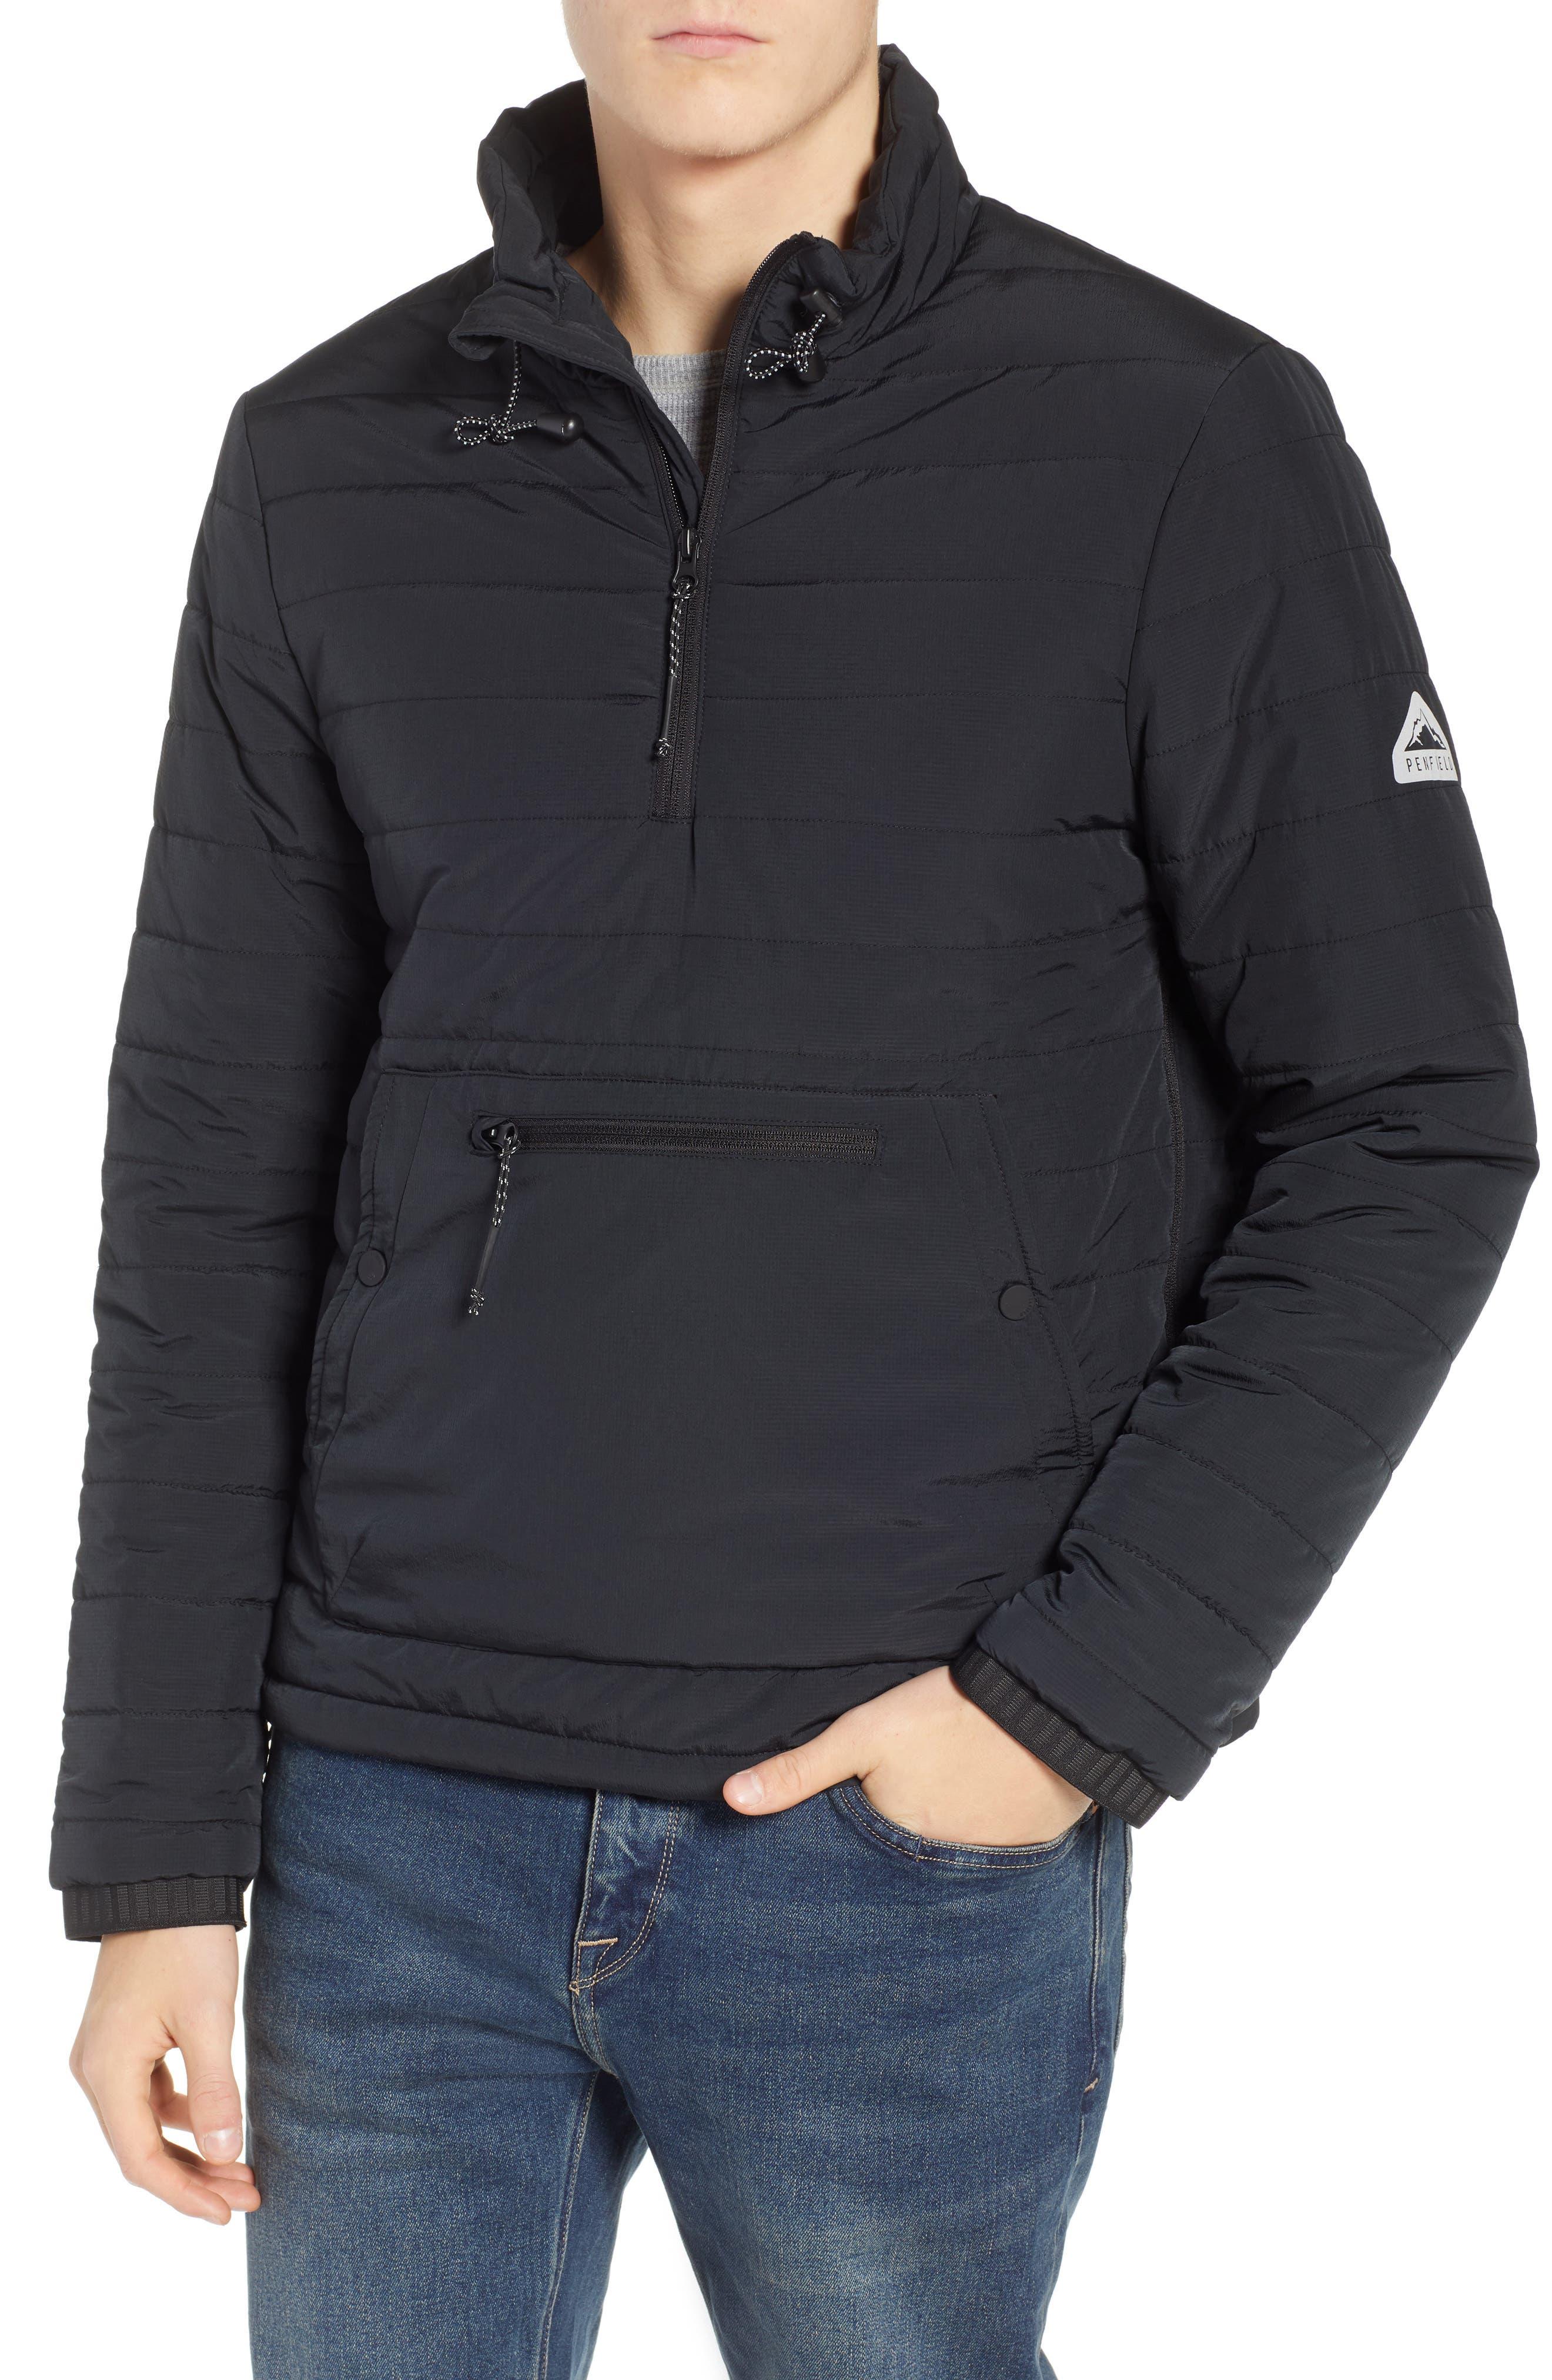 Torbert Jacket,                         Main,                         color, BLACK